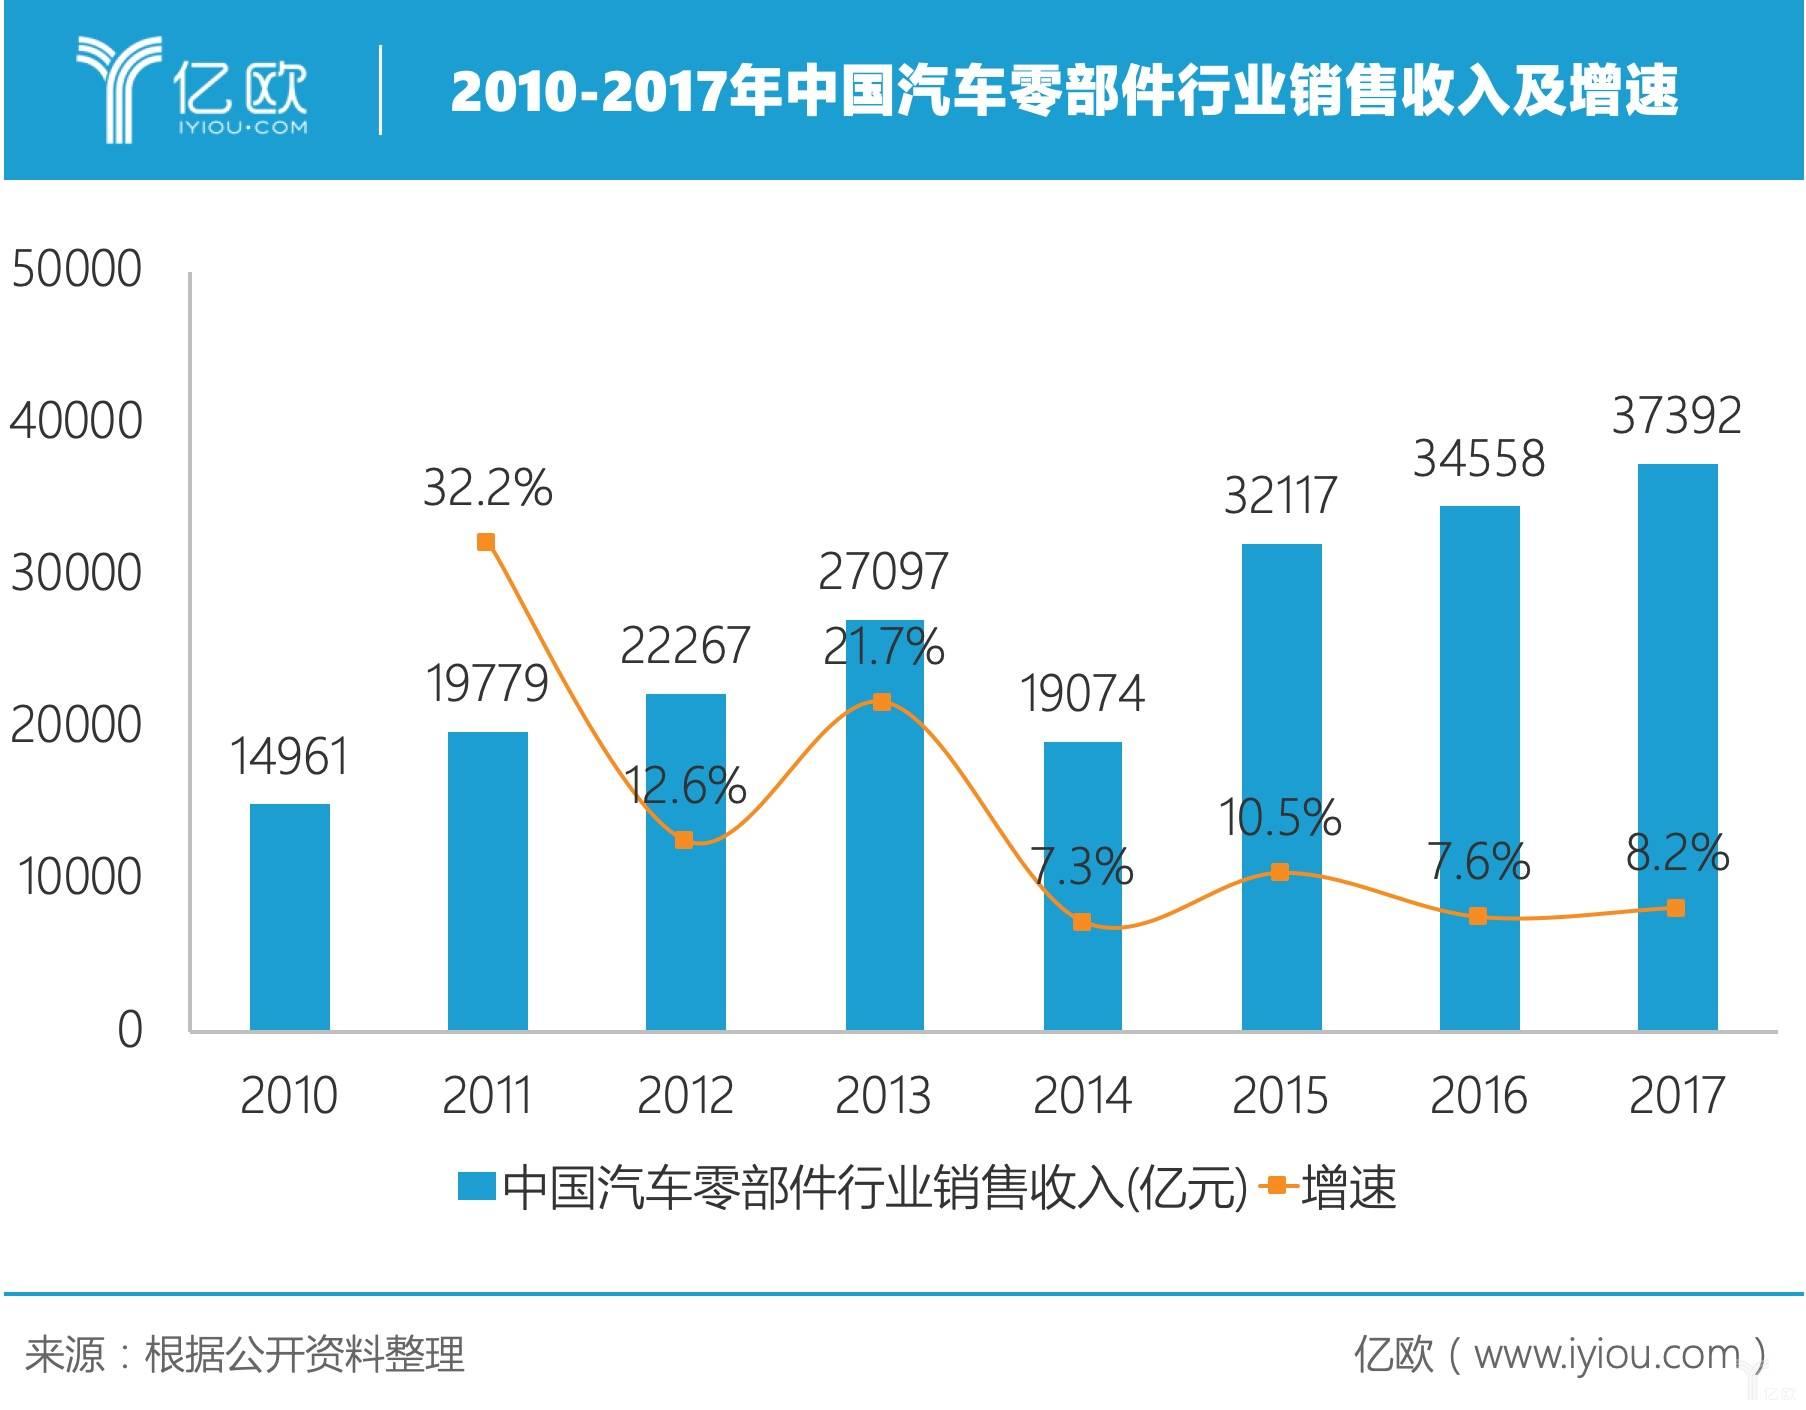 2010-2017年中国汽车零部件行业销售收入及增速.jpeg